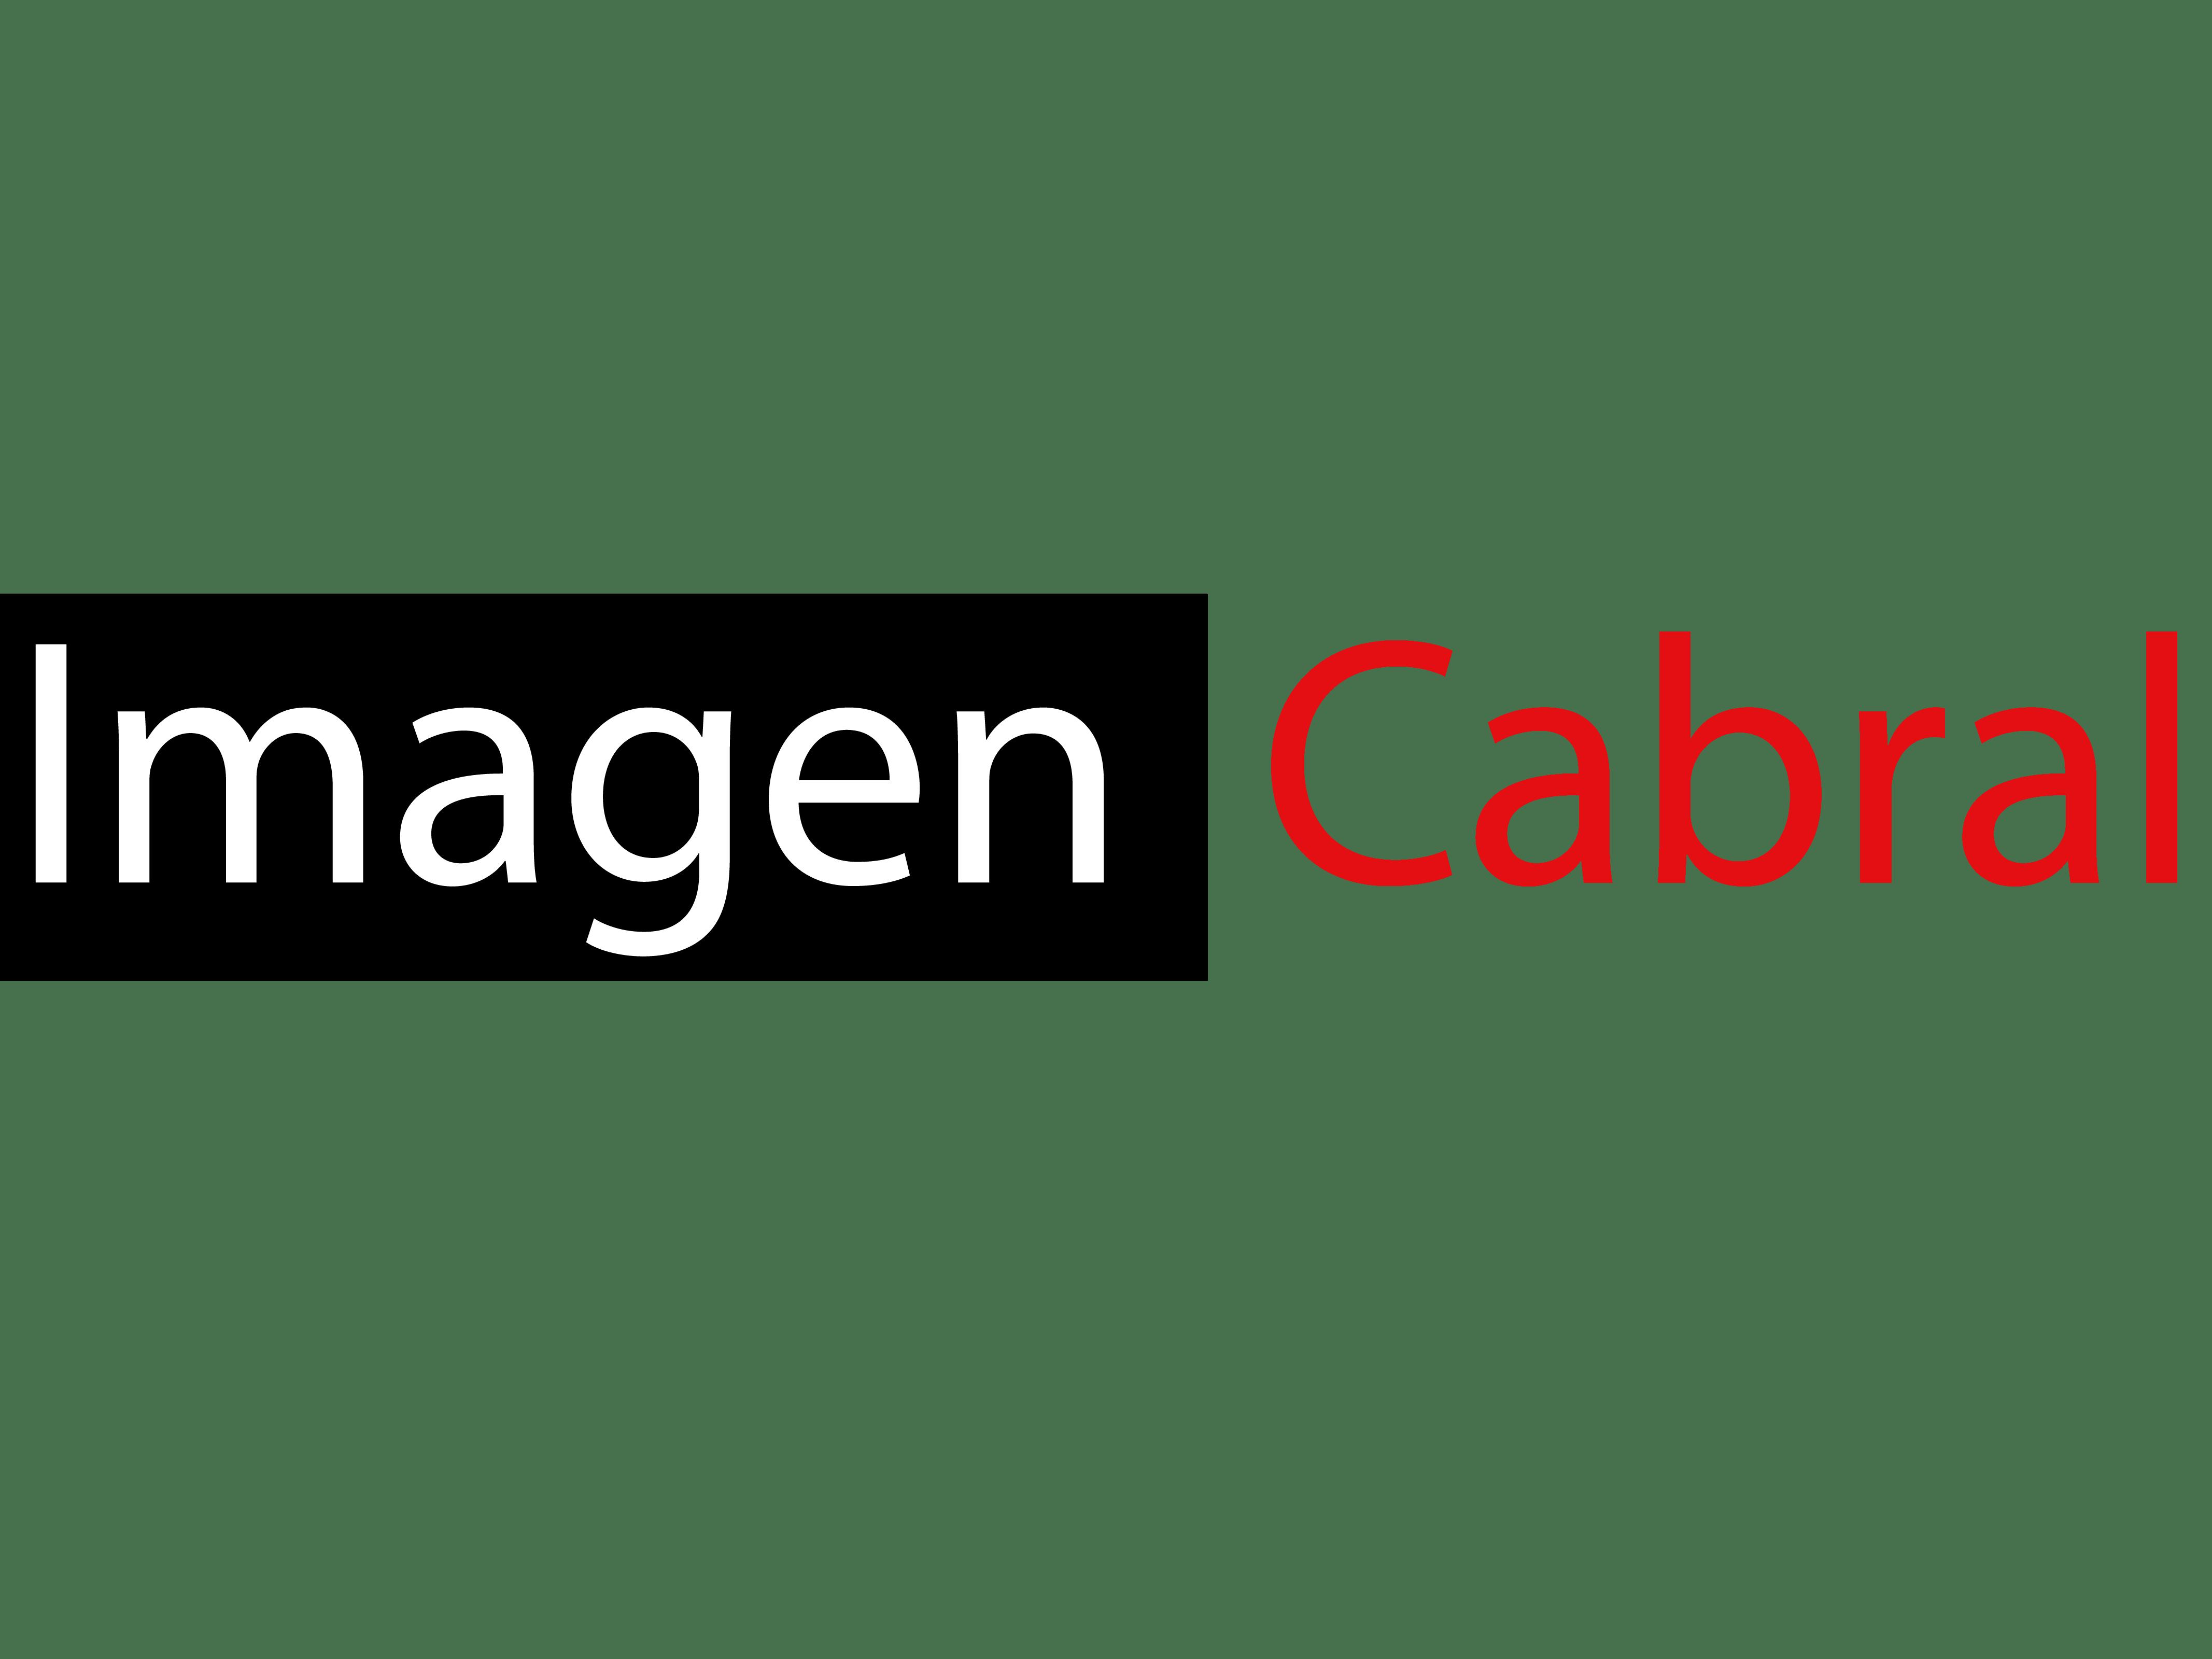 logos-de-clientes-92-min